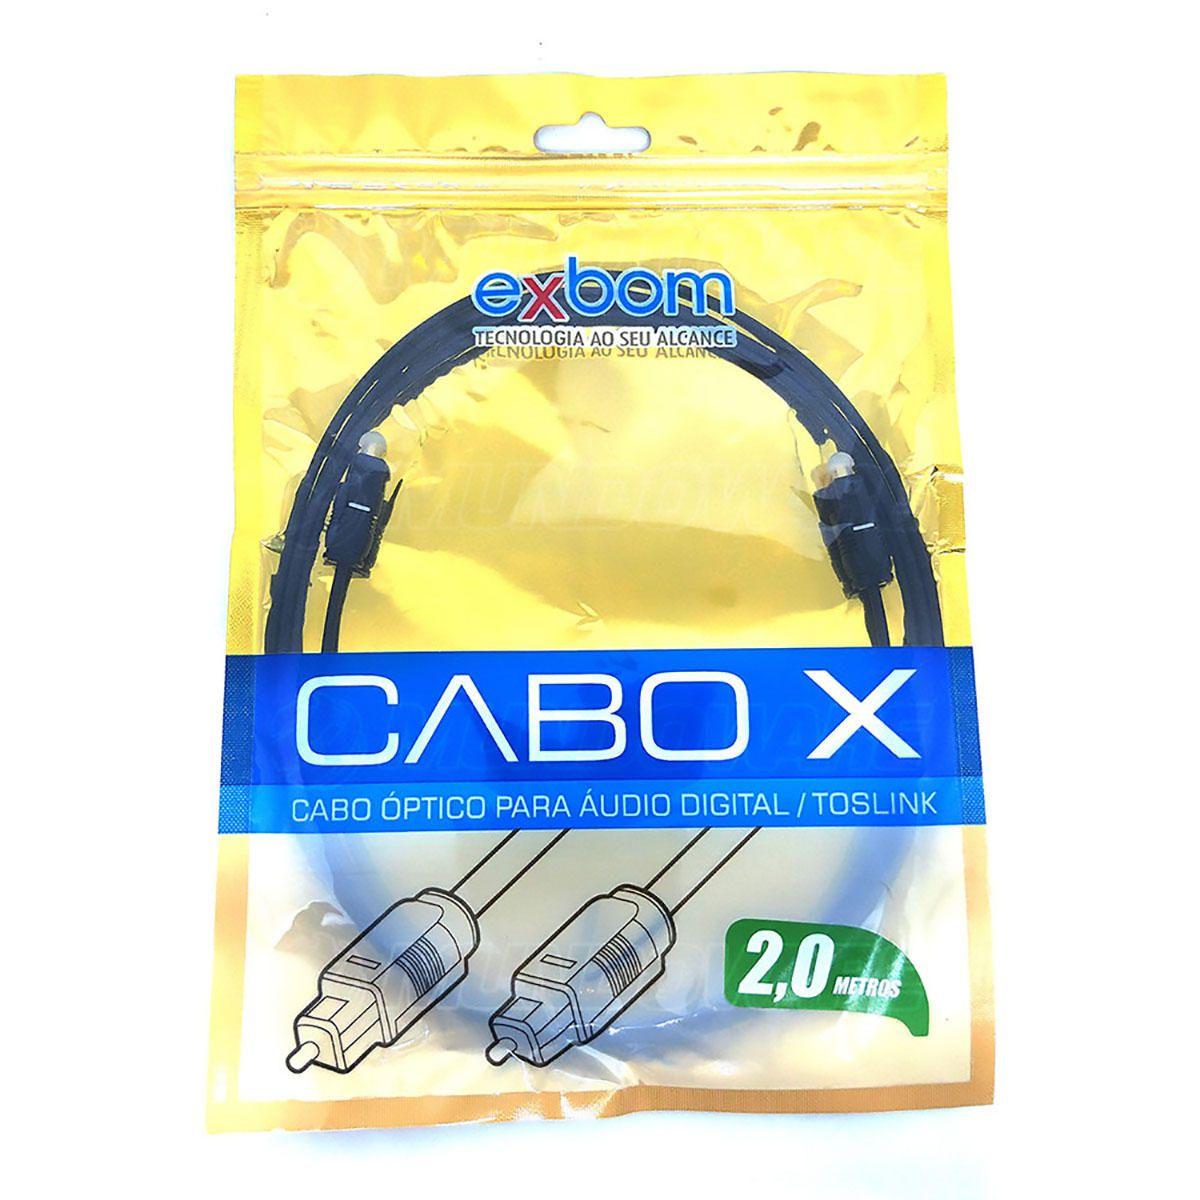 Cabo Óptico para Áudio Digital OD2.2 Toslink com 2 metros Preto Exbom CBX-OAM20